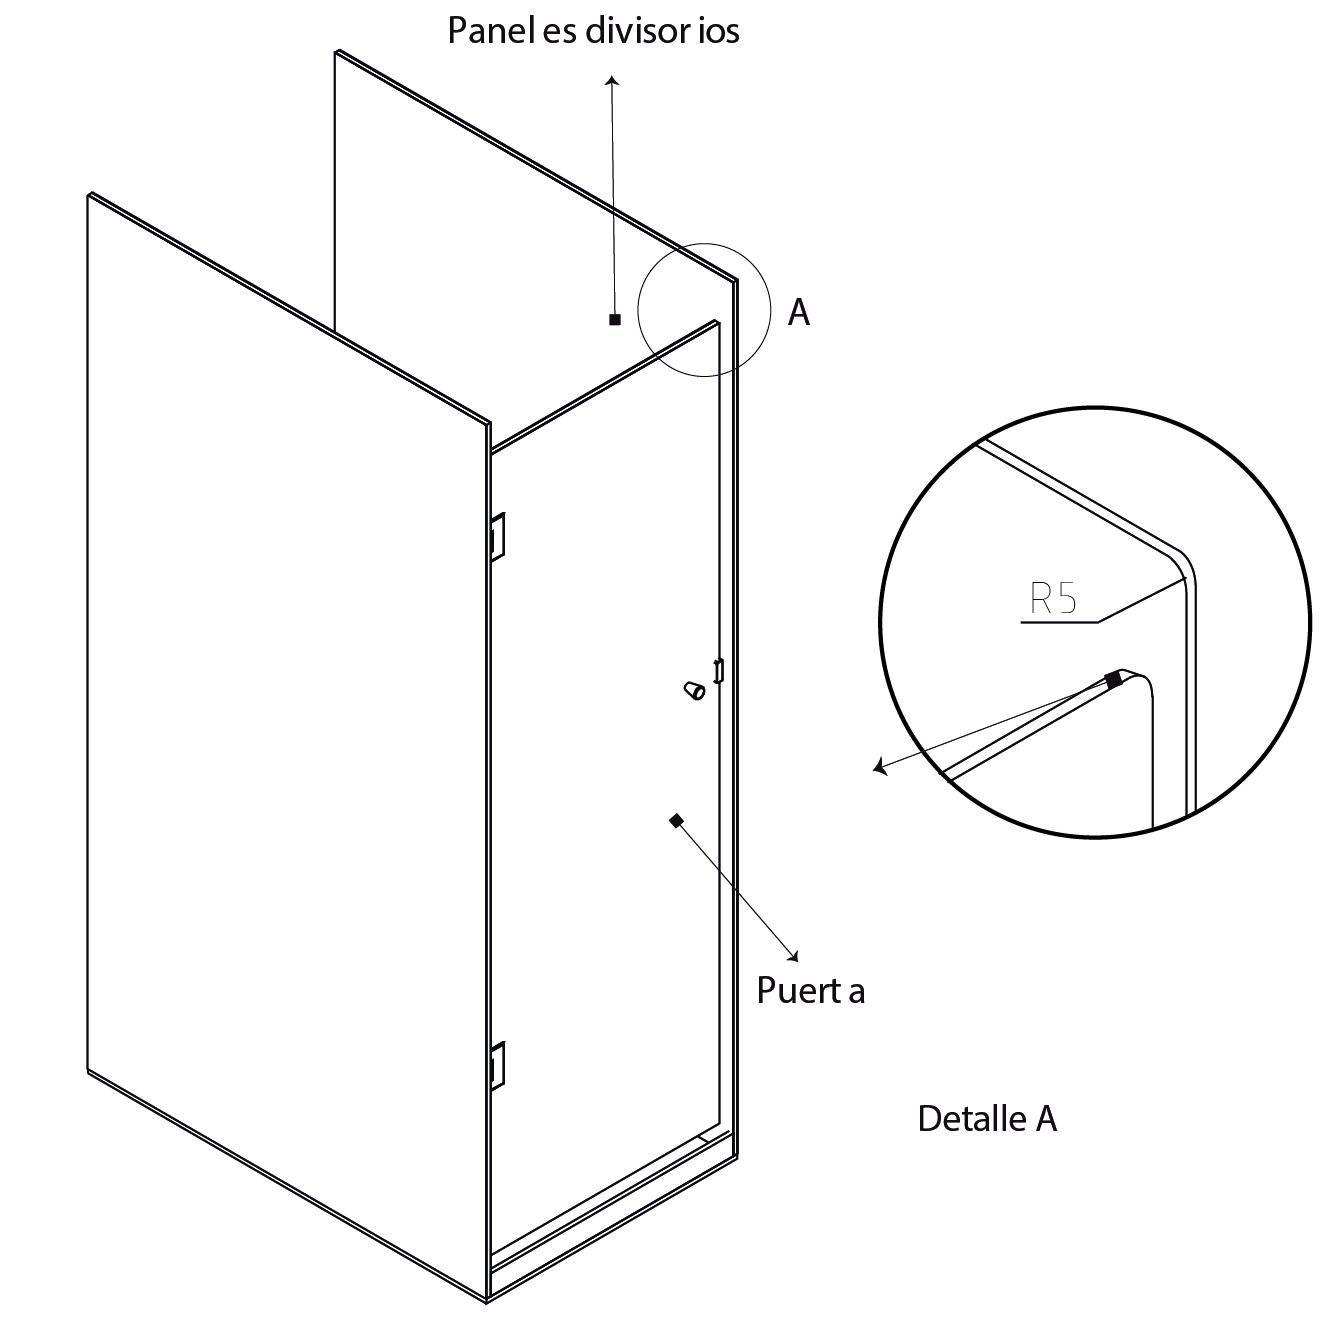 esuquema 2 showerdoor fenolico sysprotec